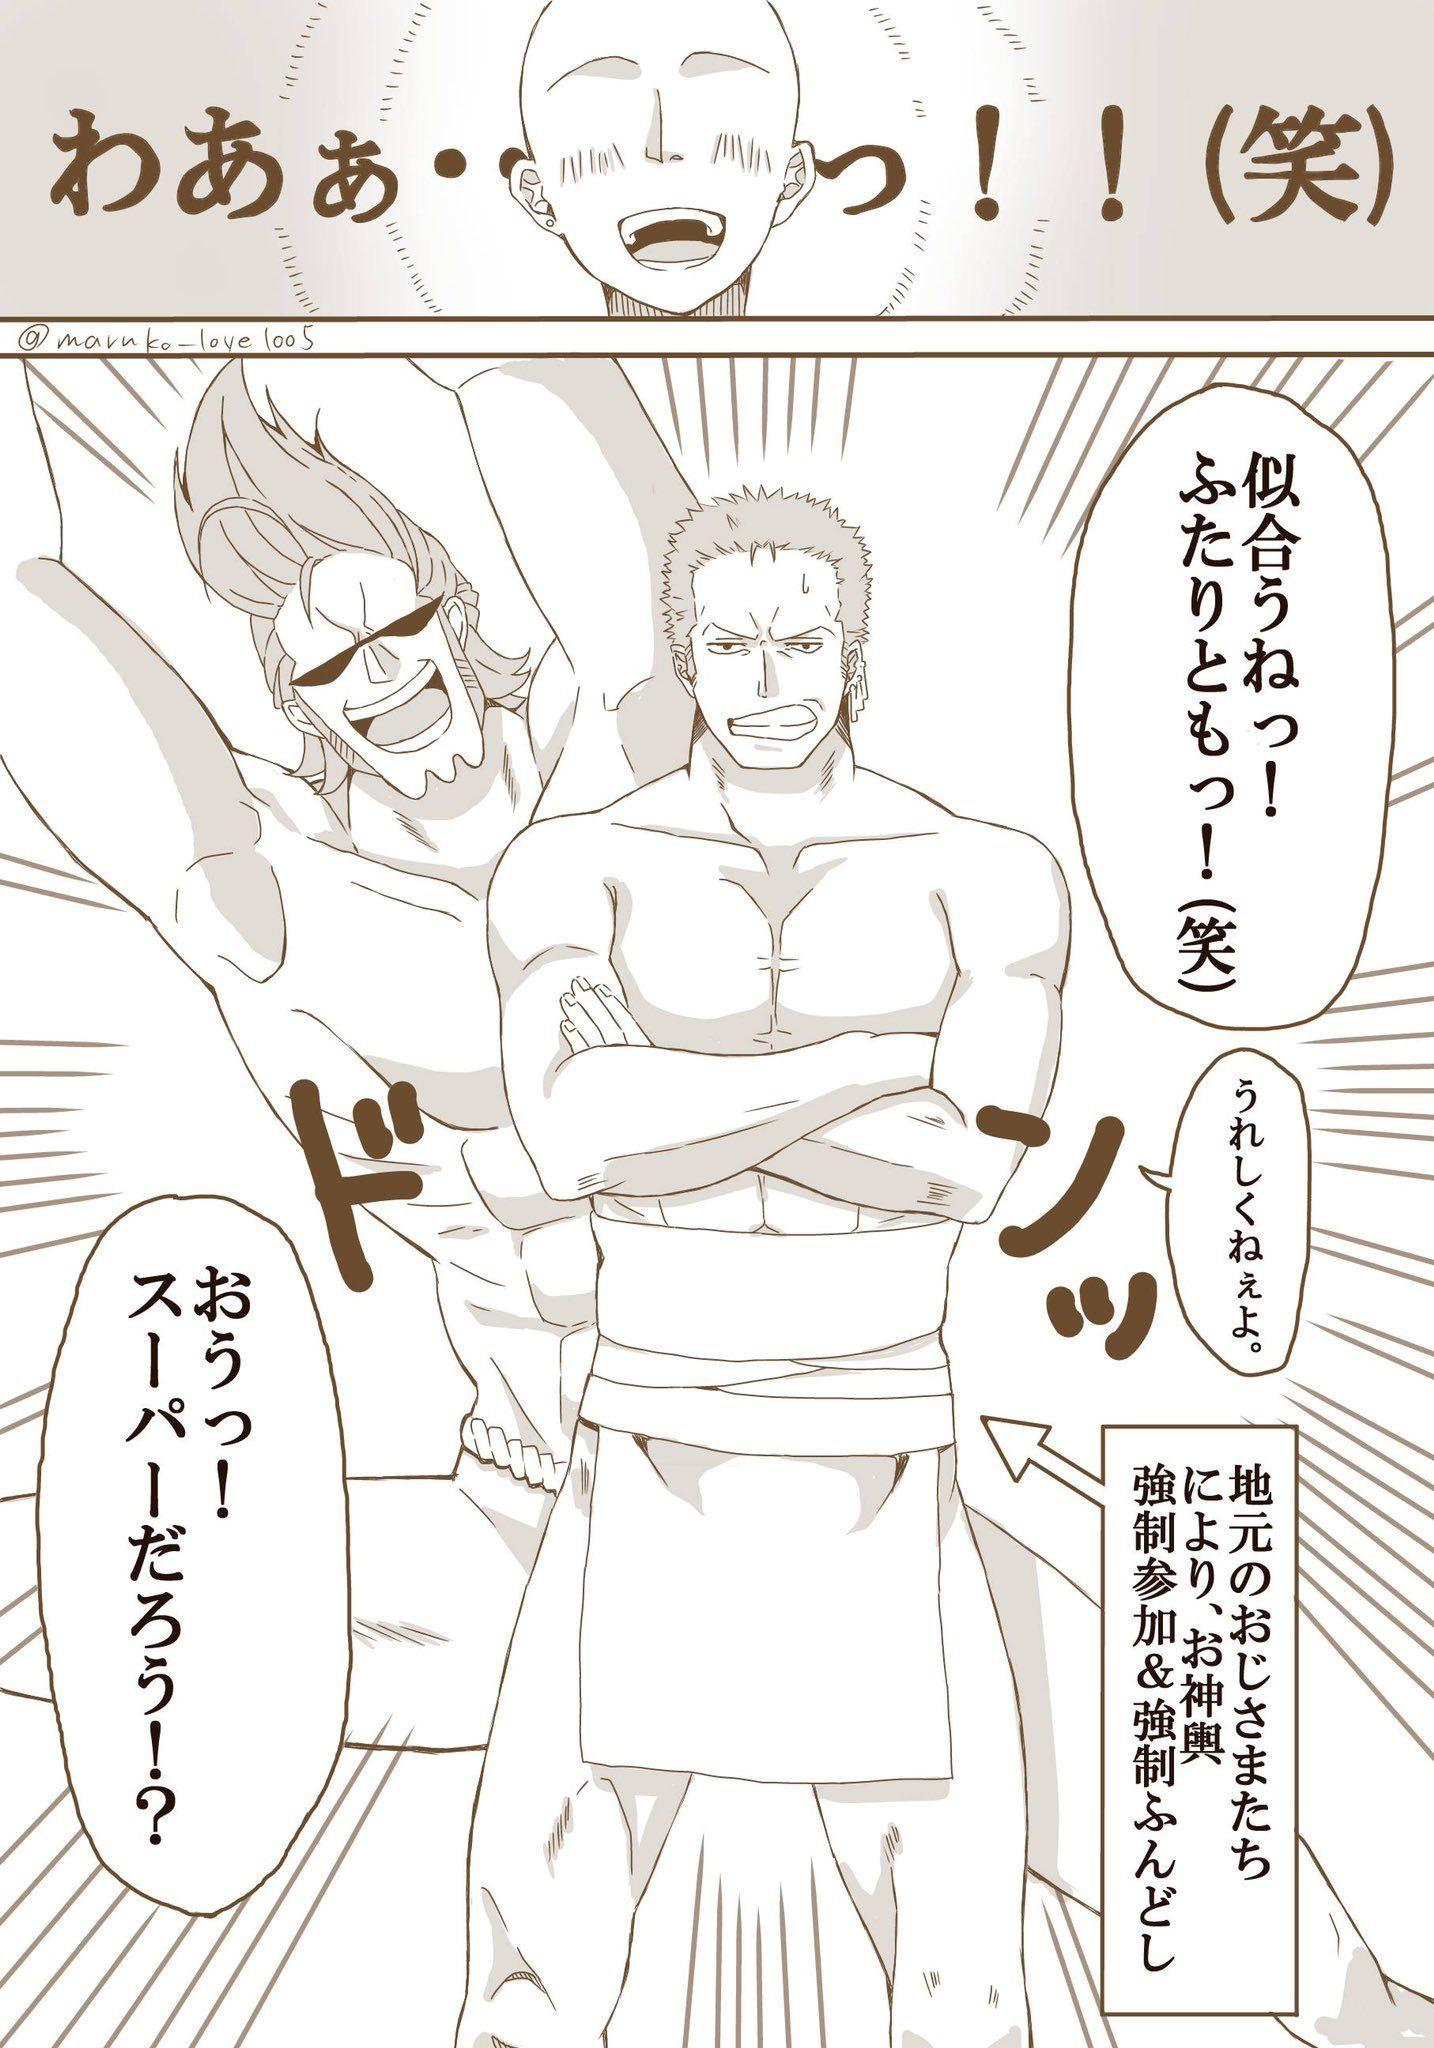 あい on twitter anime guys shirtless one piece anime one piece